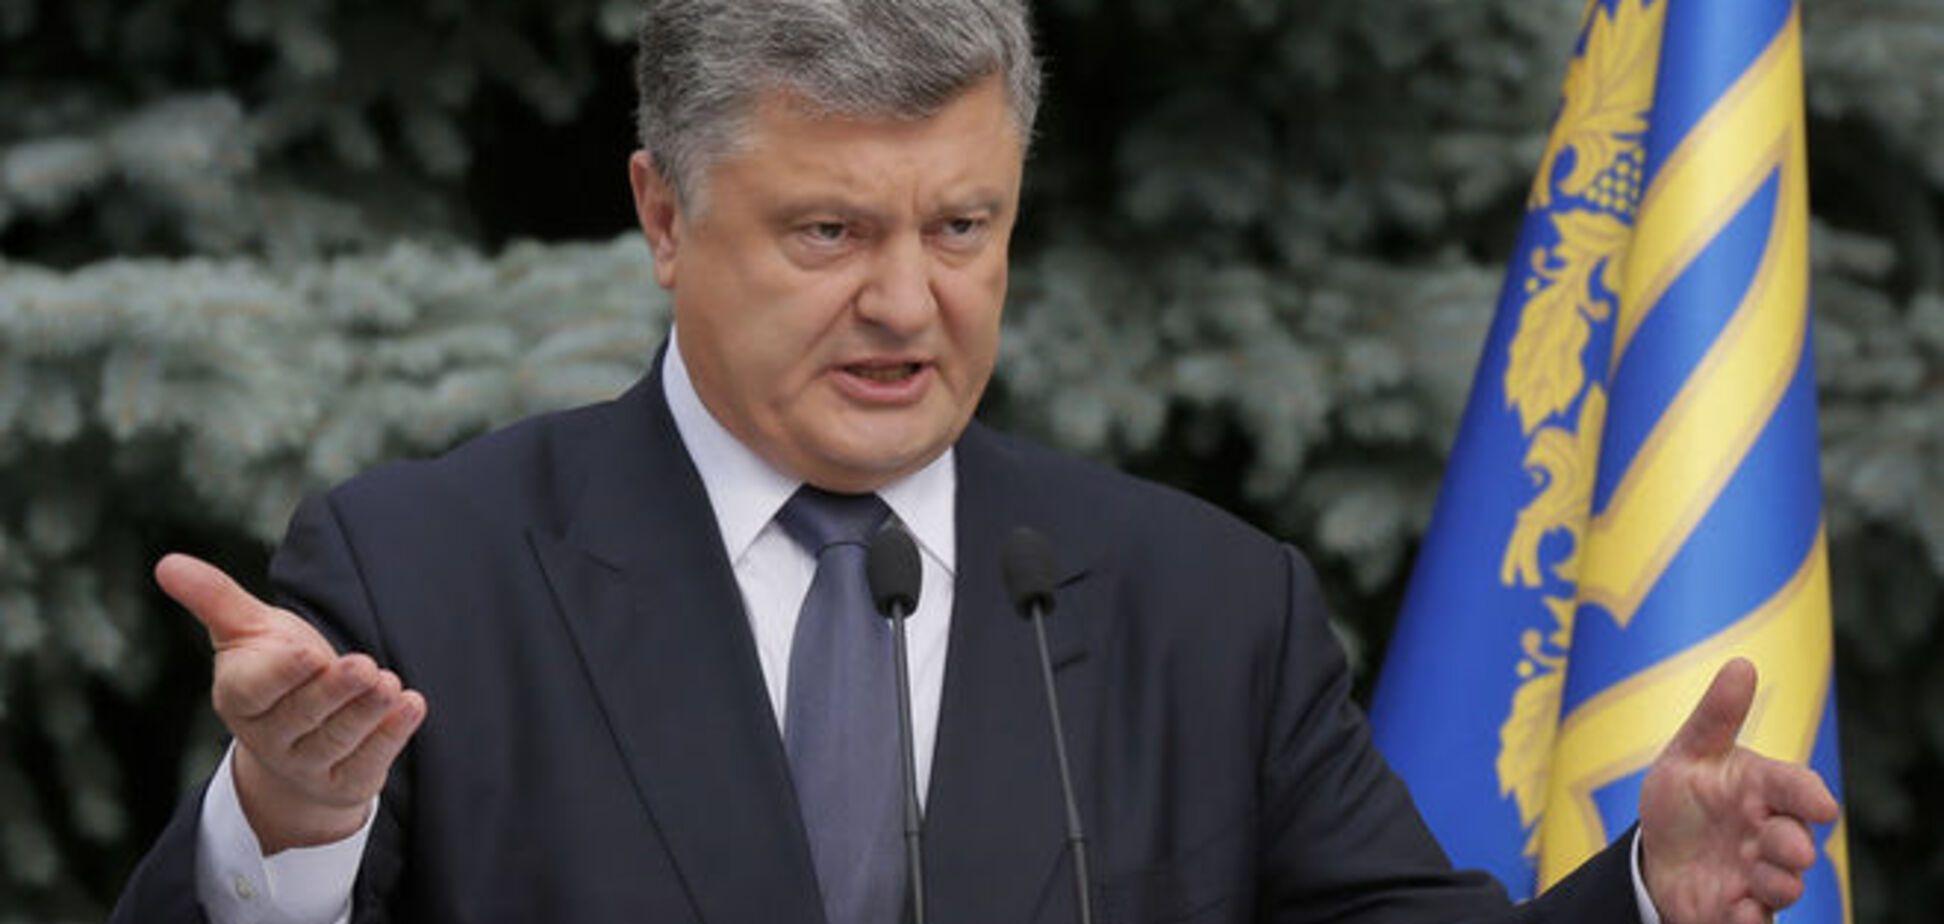 Україні загрожує повномасштабне військове вторгнення Росії - Порошенко